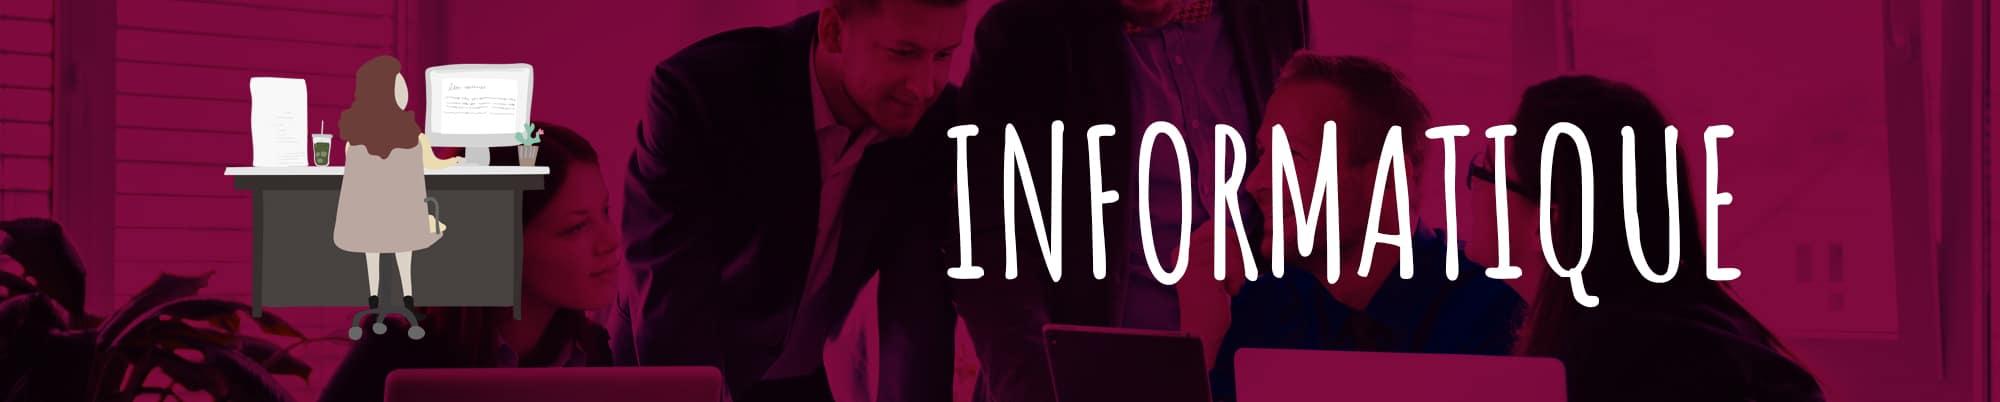 Header-rubriques-informatique-infodeos XL